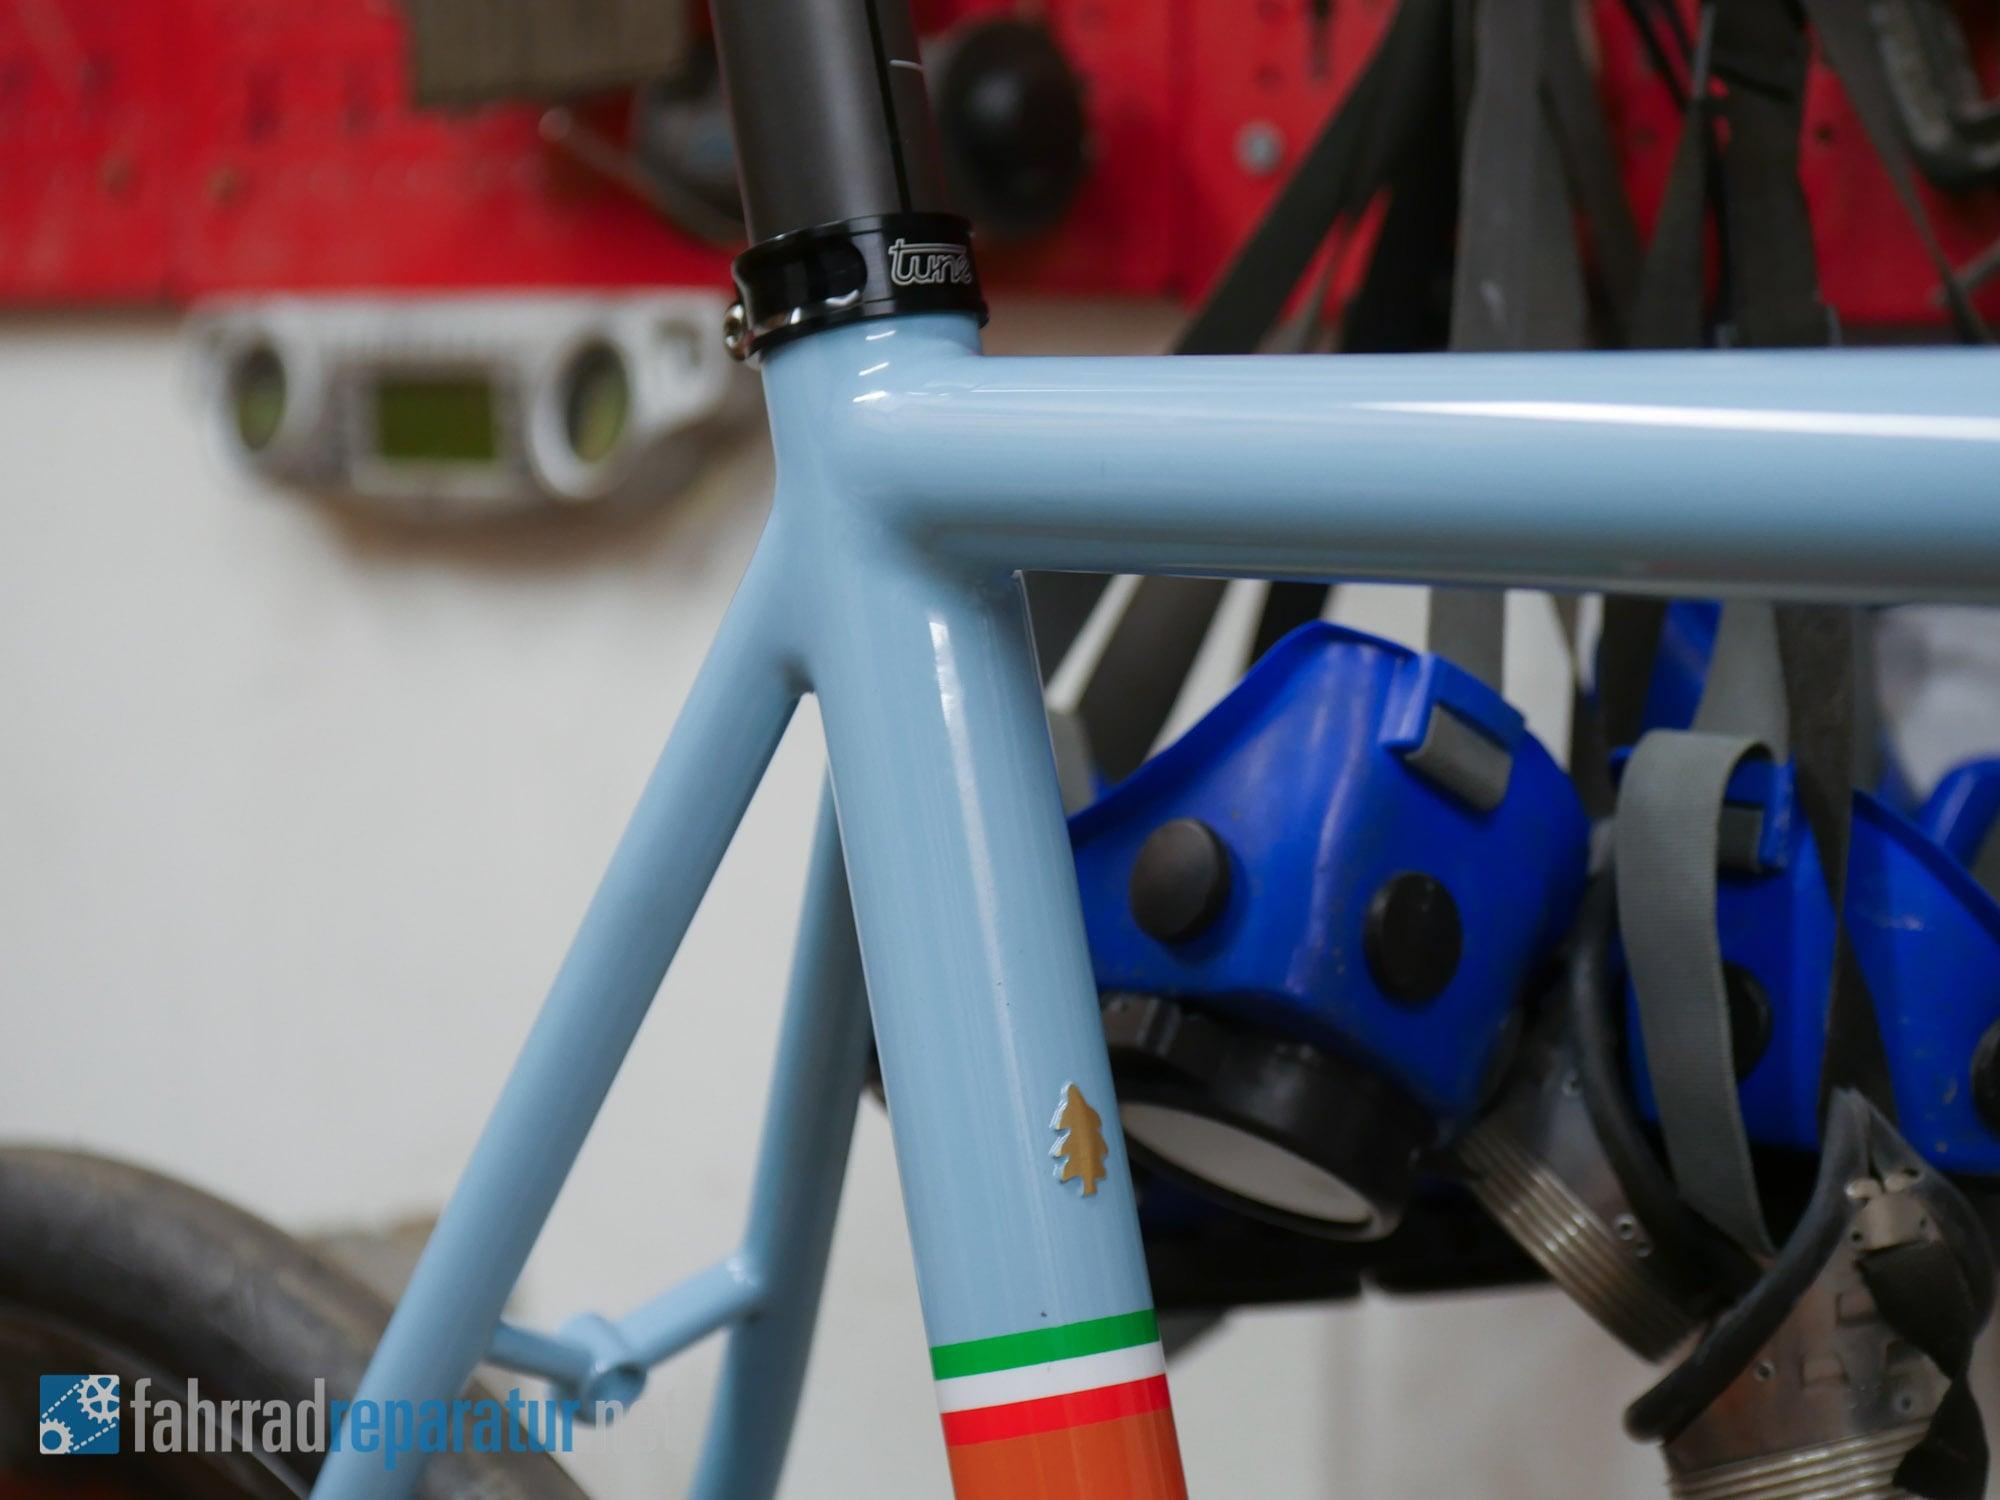 Fahrradrahmen selber bauen - Schweißen und Löten - fahrradreparatur.net